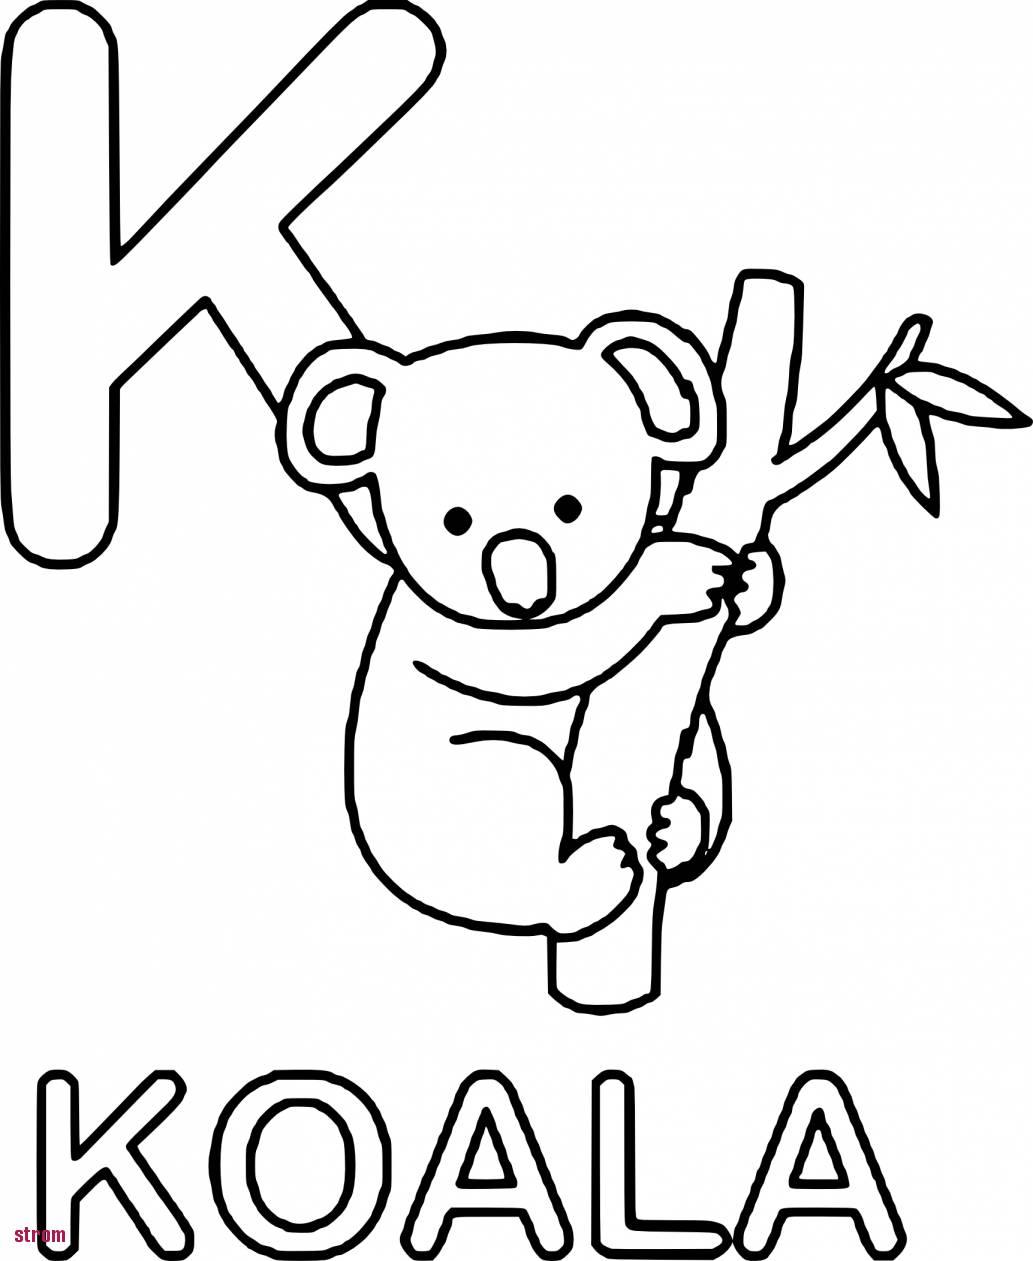 Coloriages à imprimer : Koala, numéro : ab8562c8